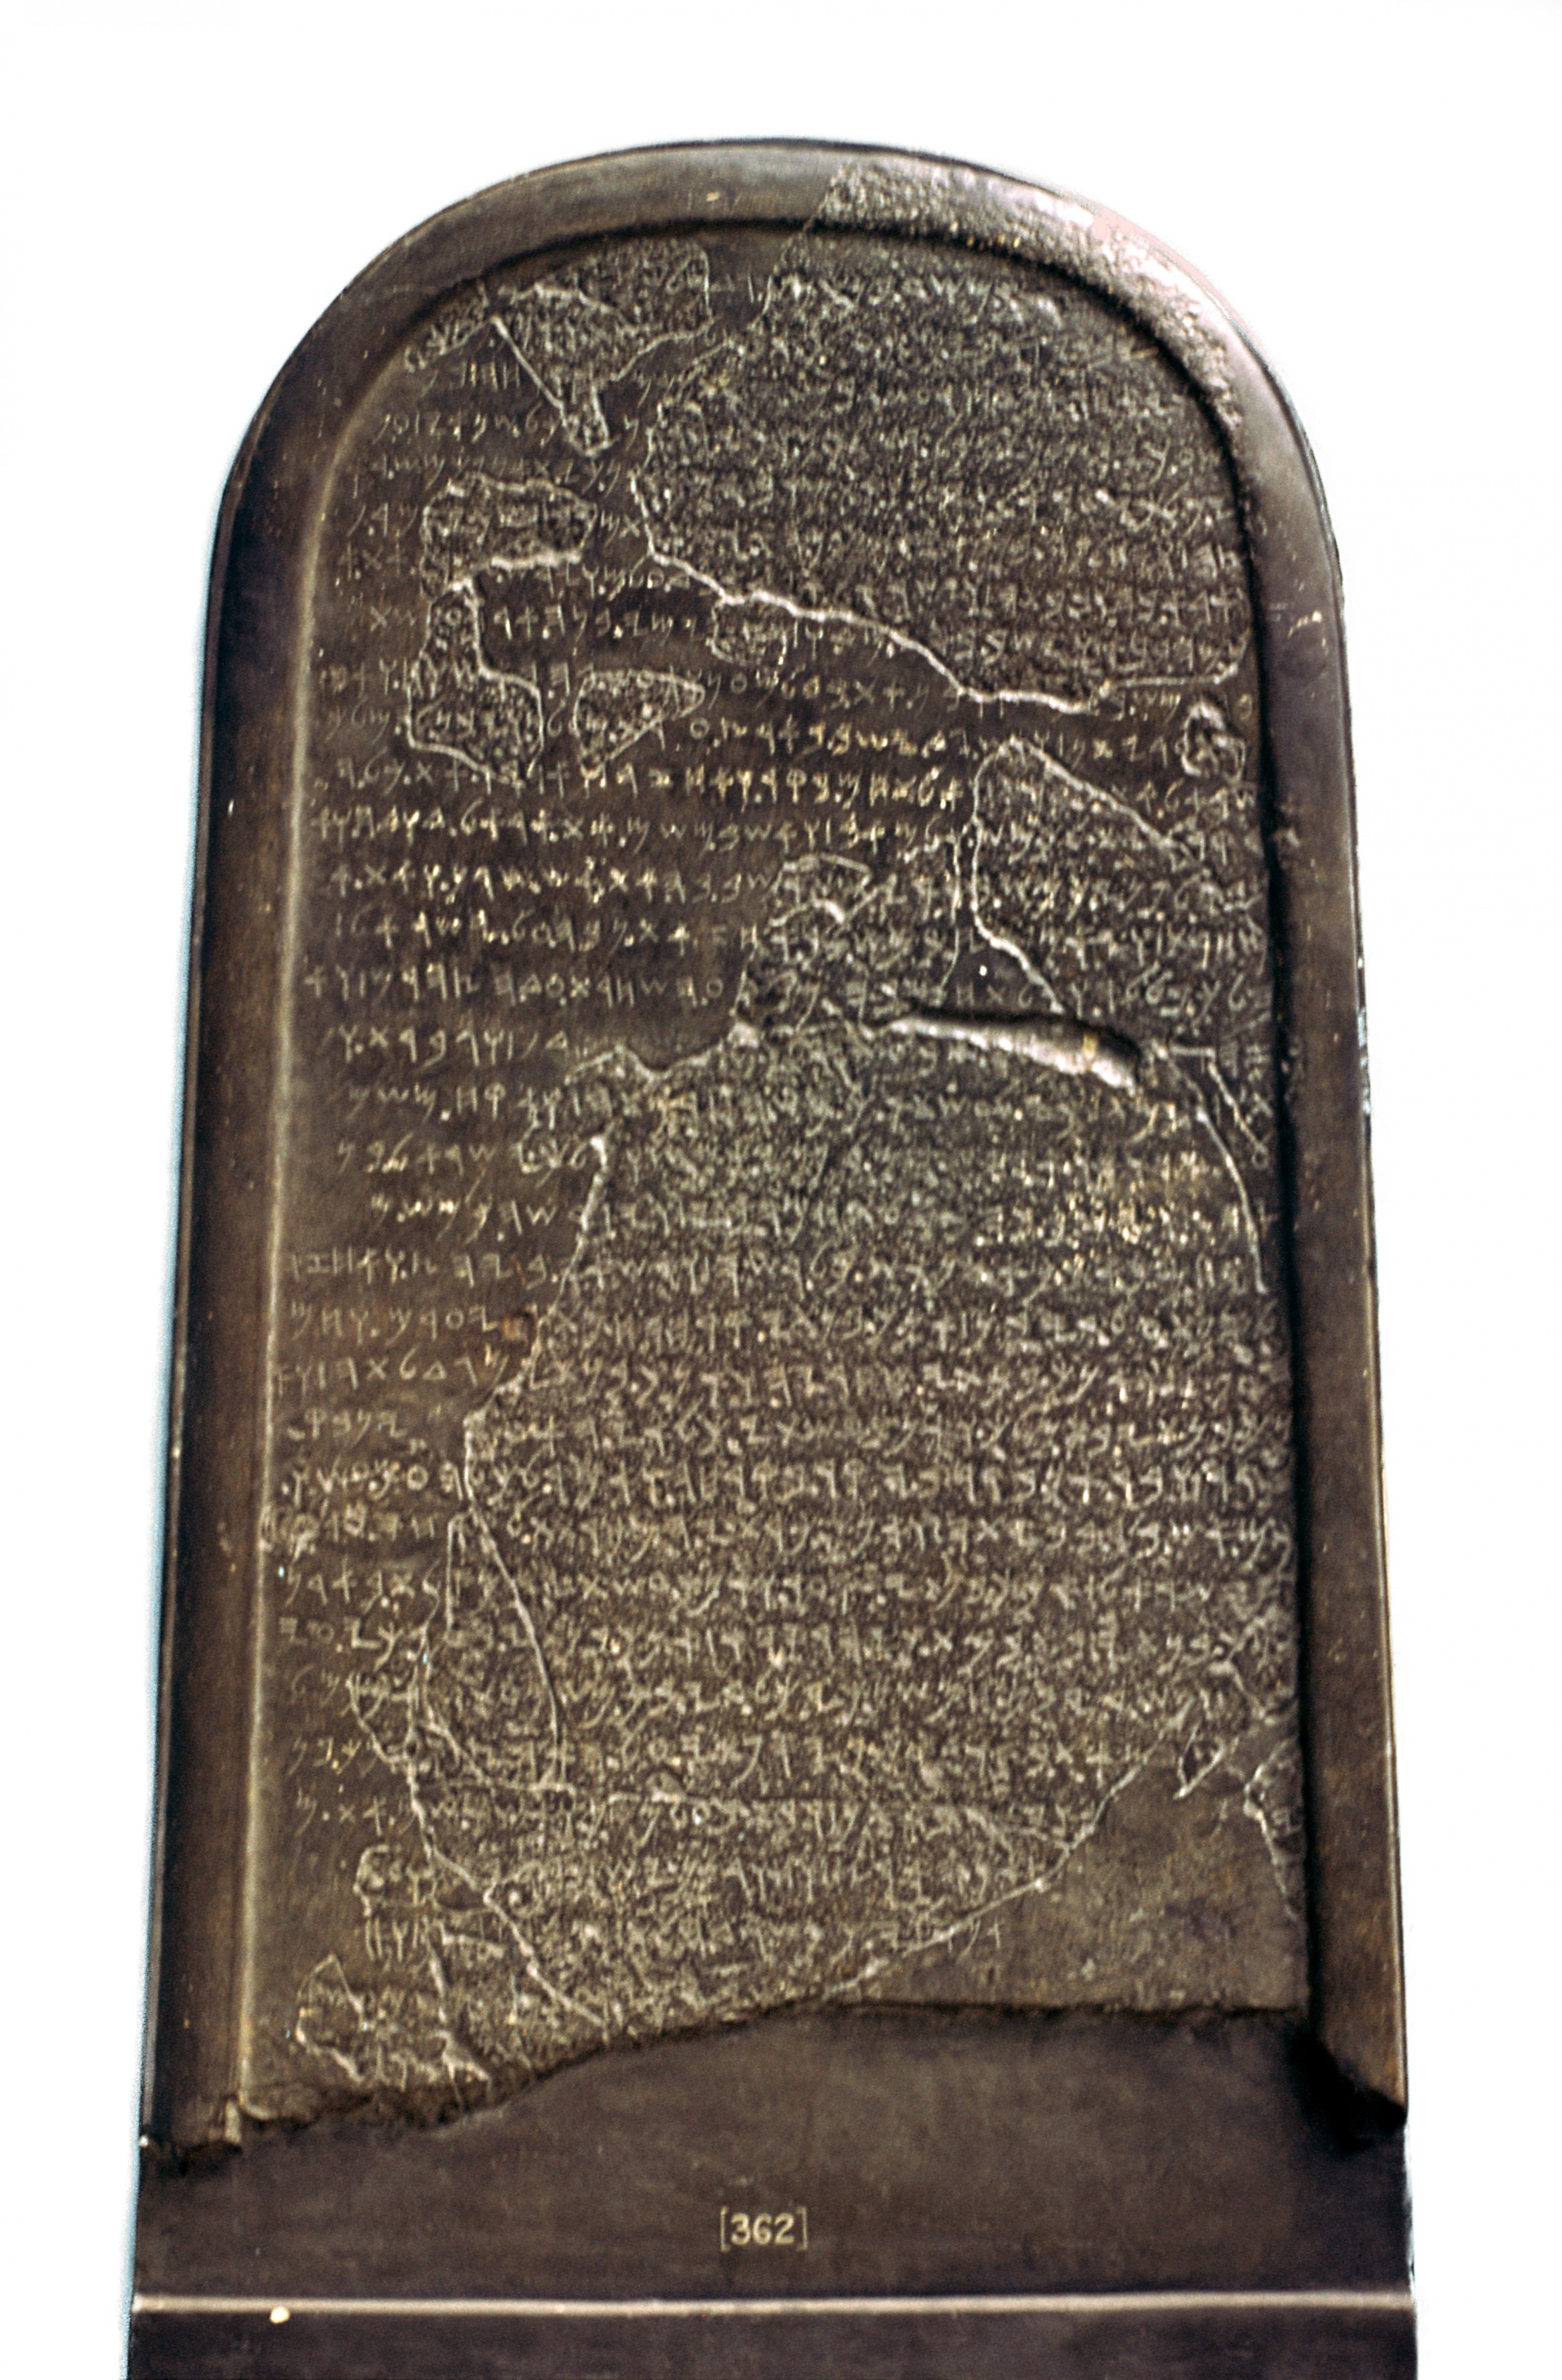 Mesha Stone, Biblical King